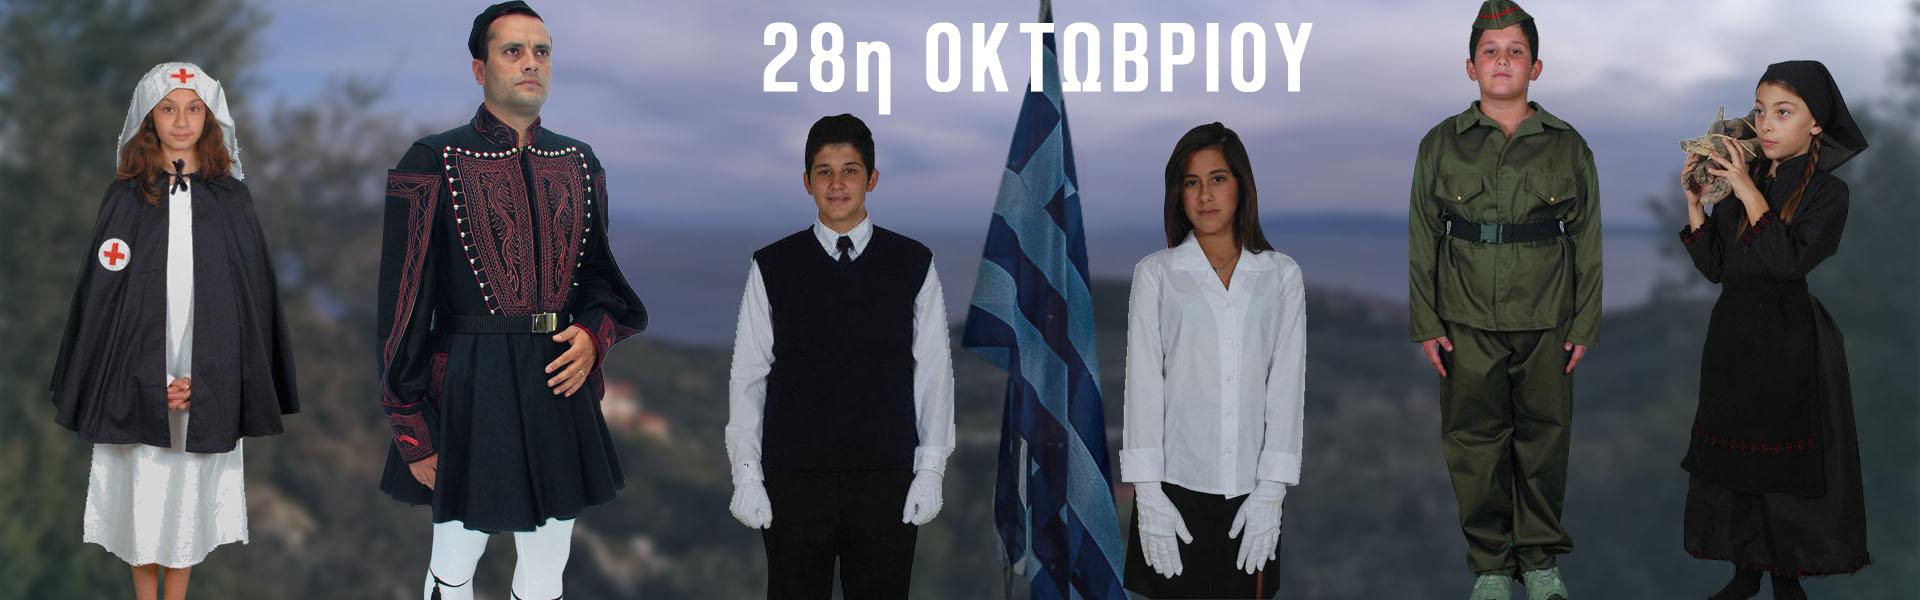 https://www.stoles-sandra.gr/el/στολεσ-28ησ-οκτωβριου